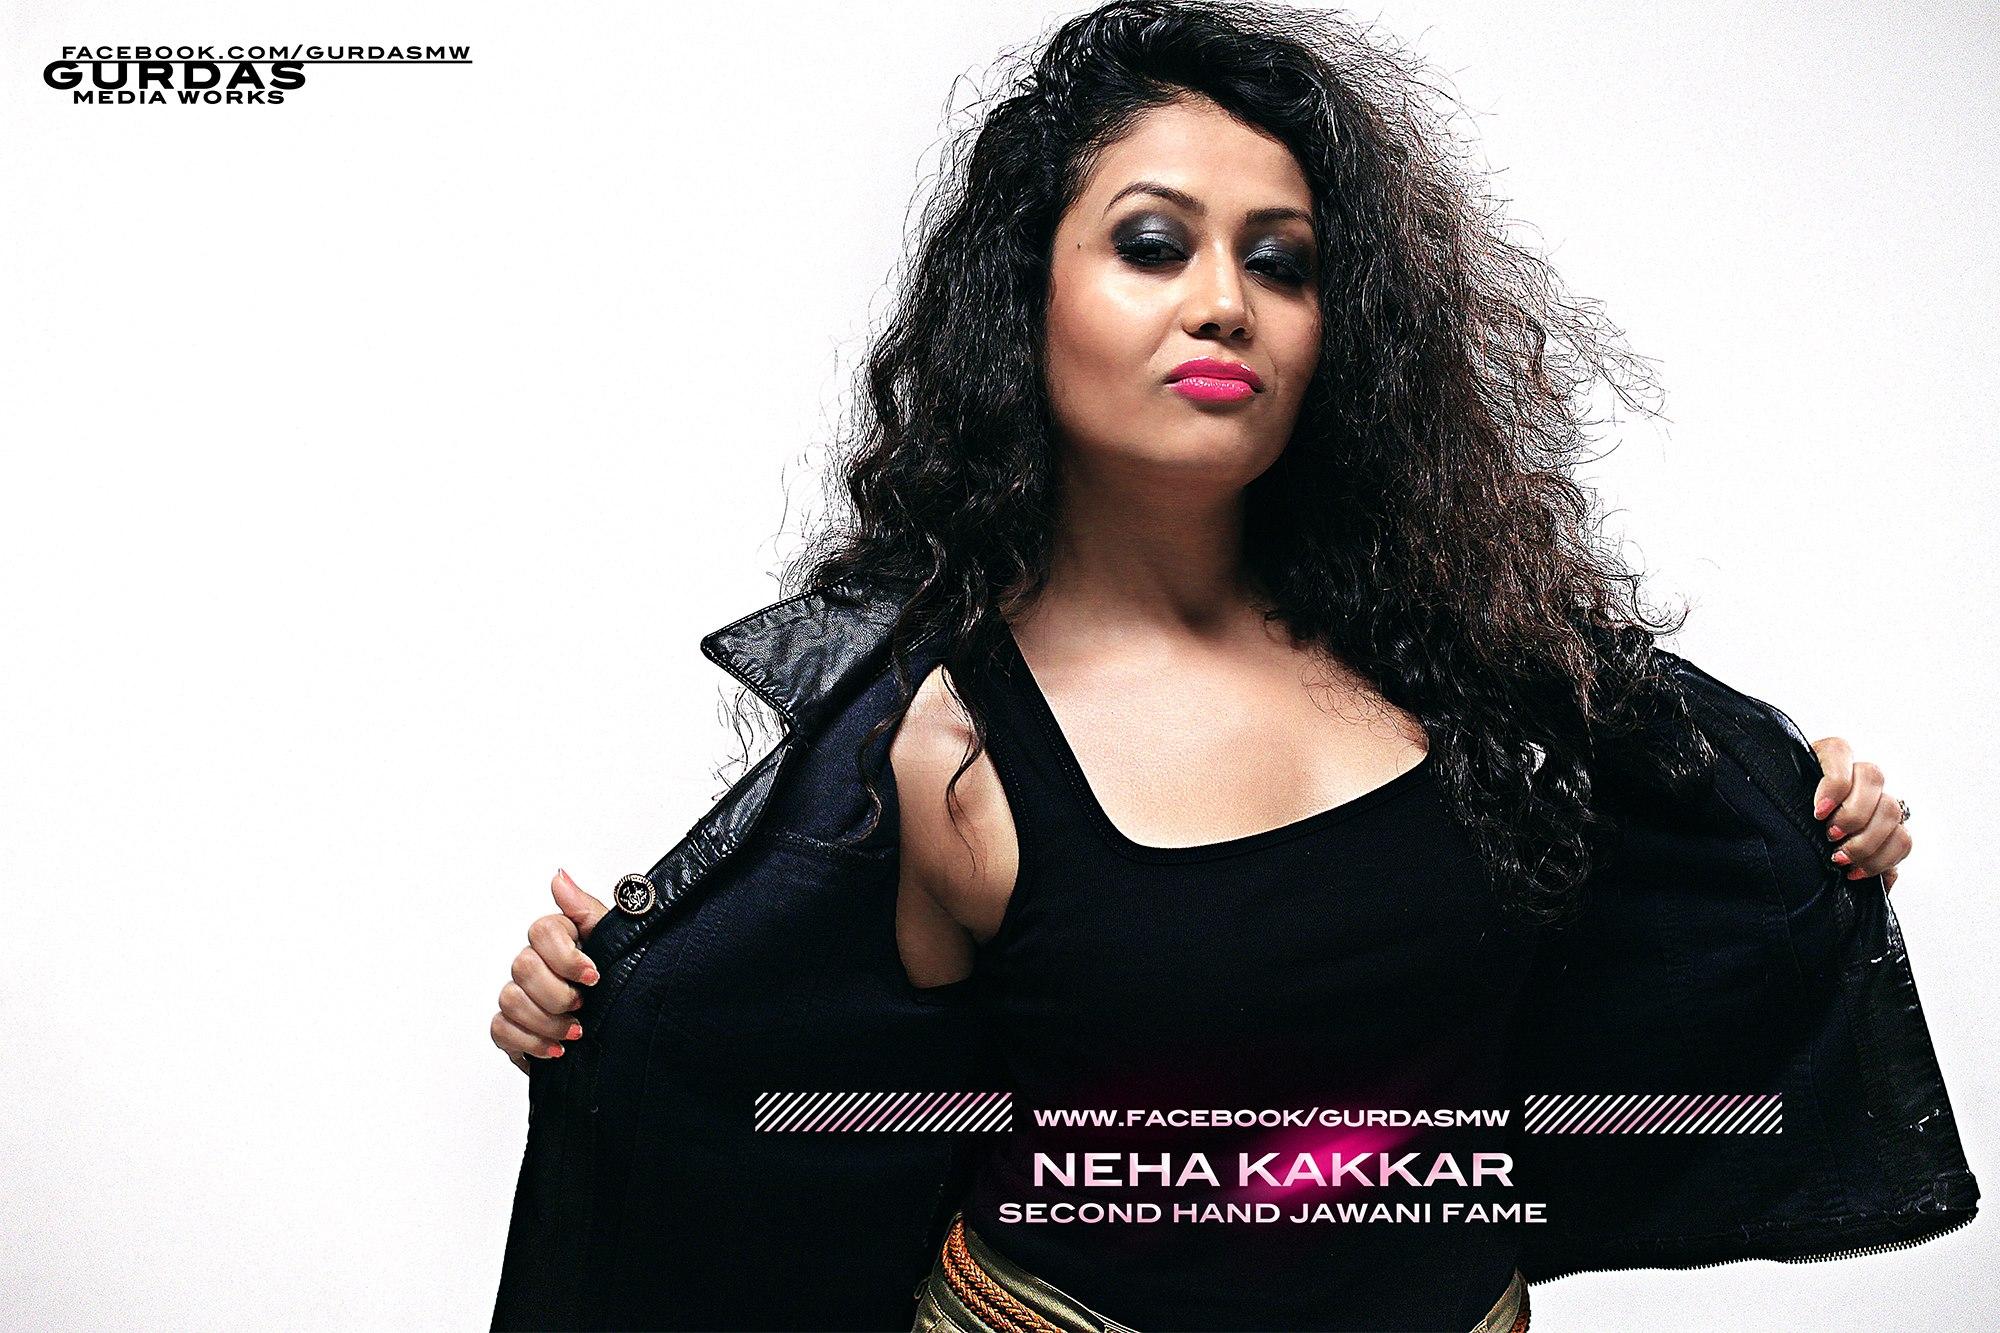 Neha Kakar